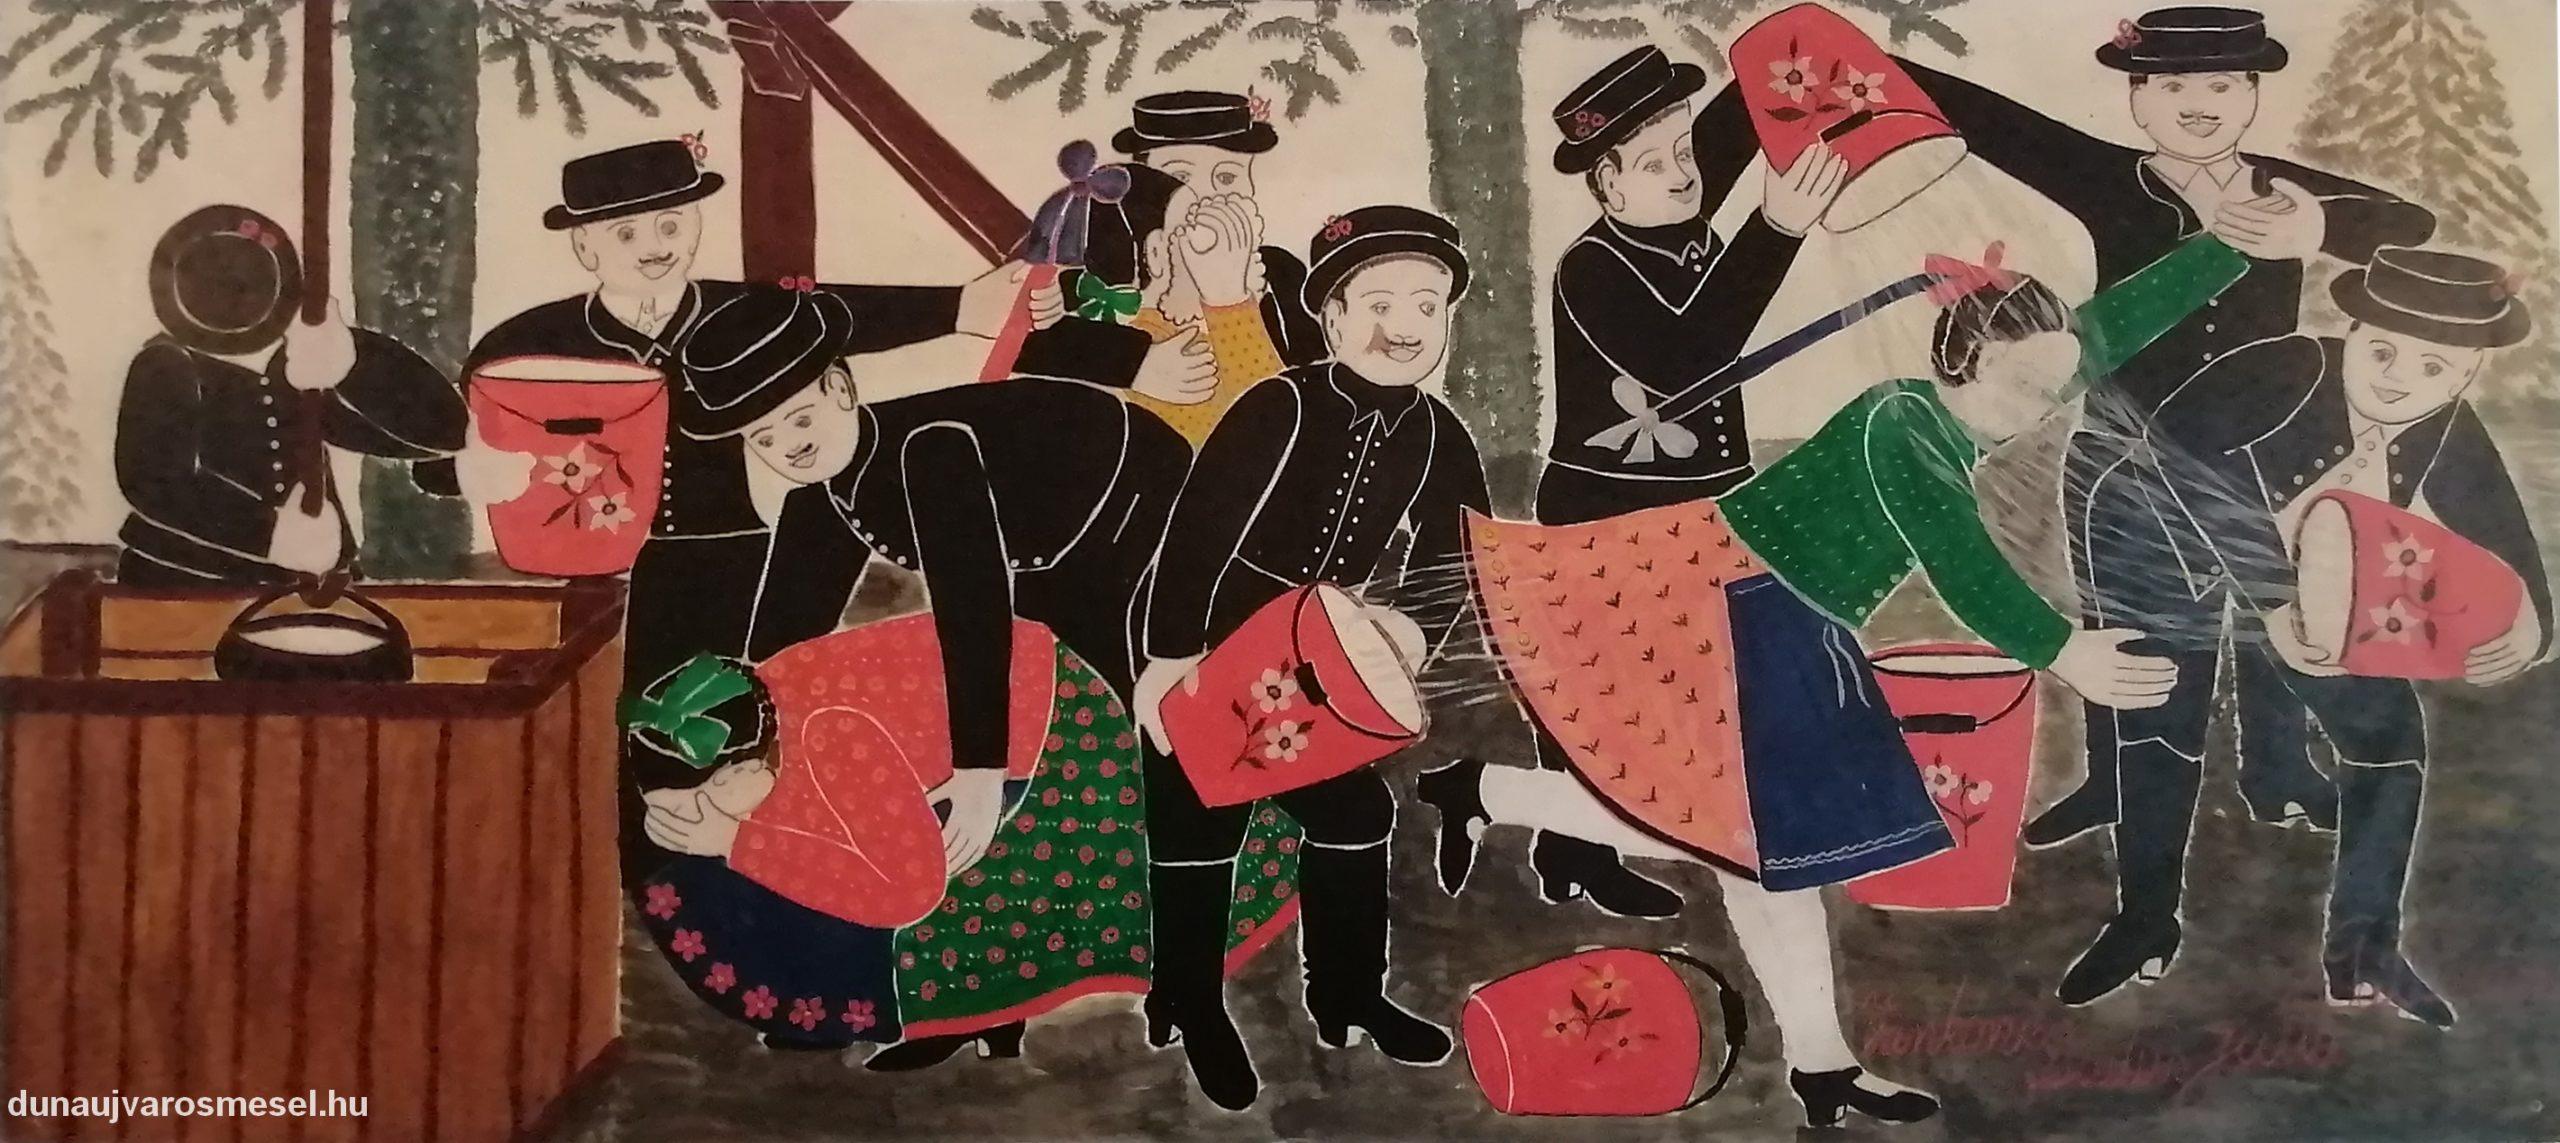 Festmények a csárda falán